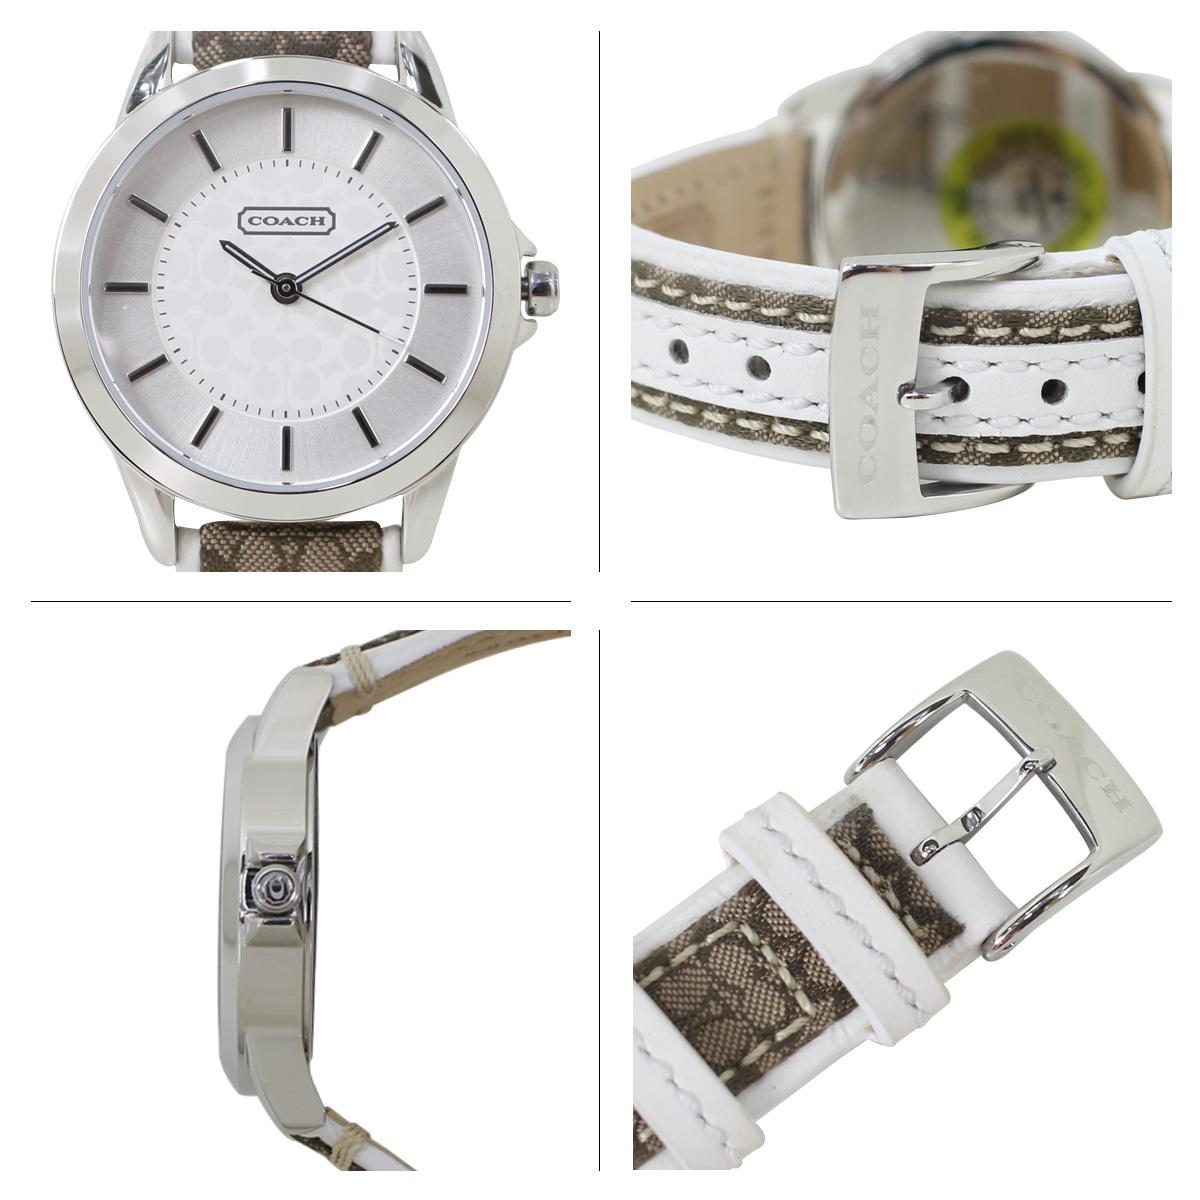 COACH コーチ 腕時計 レディース シグネチャー レザー ブラウン 14501526